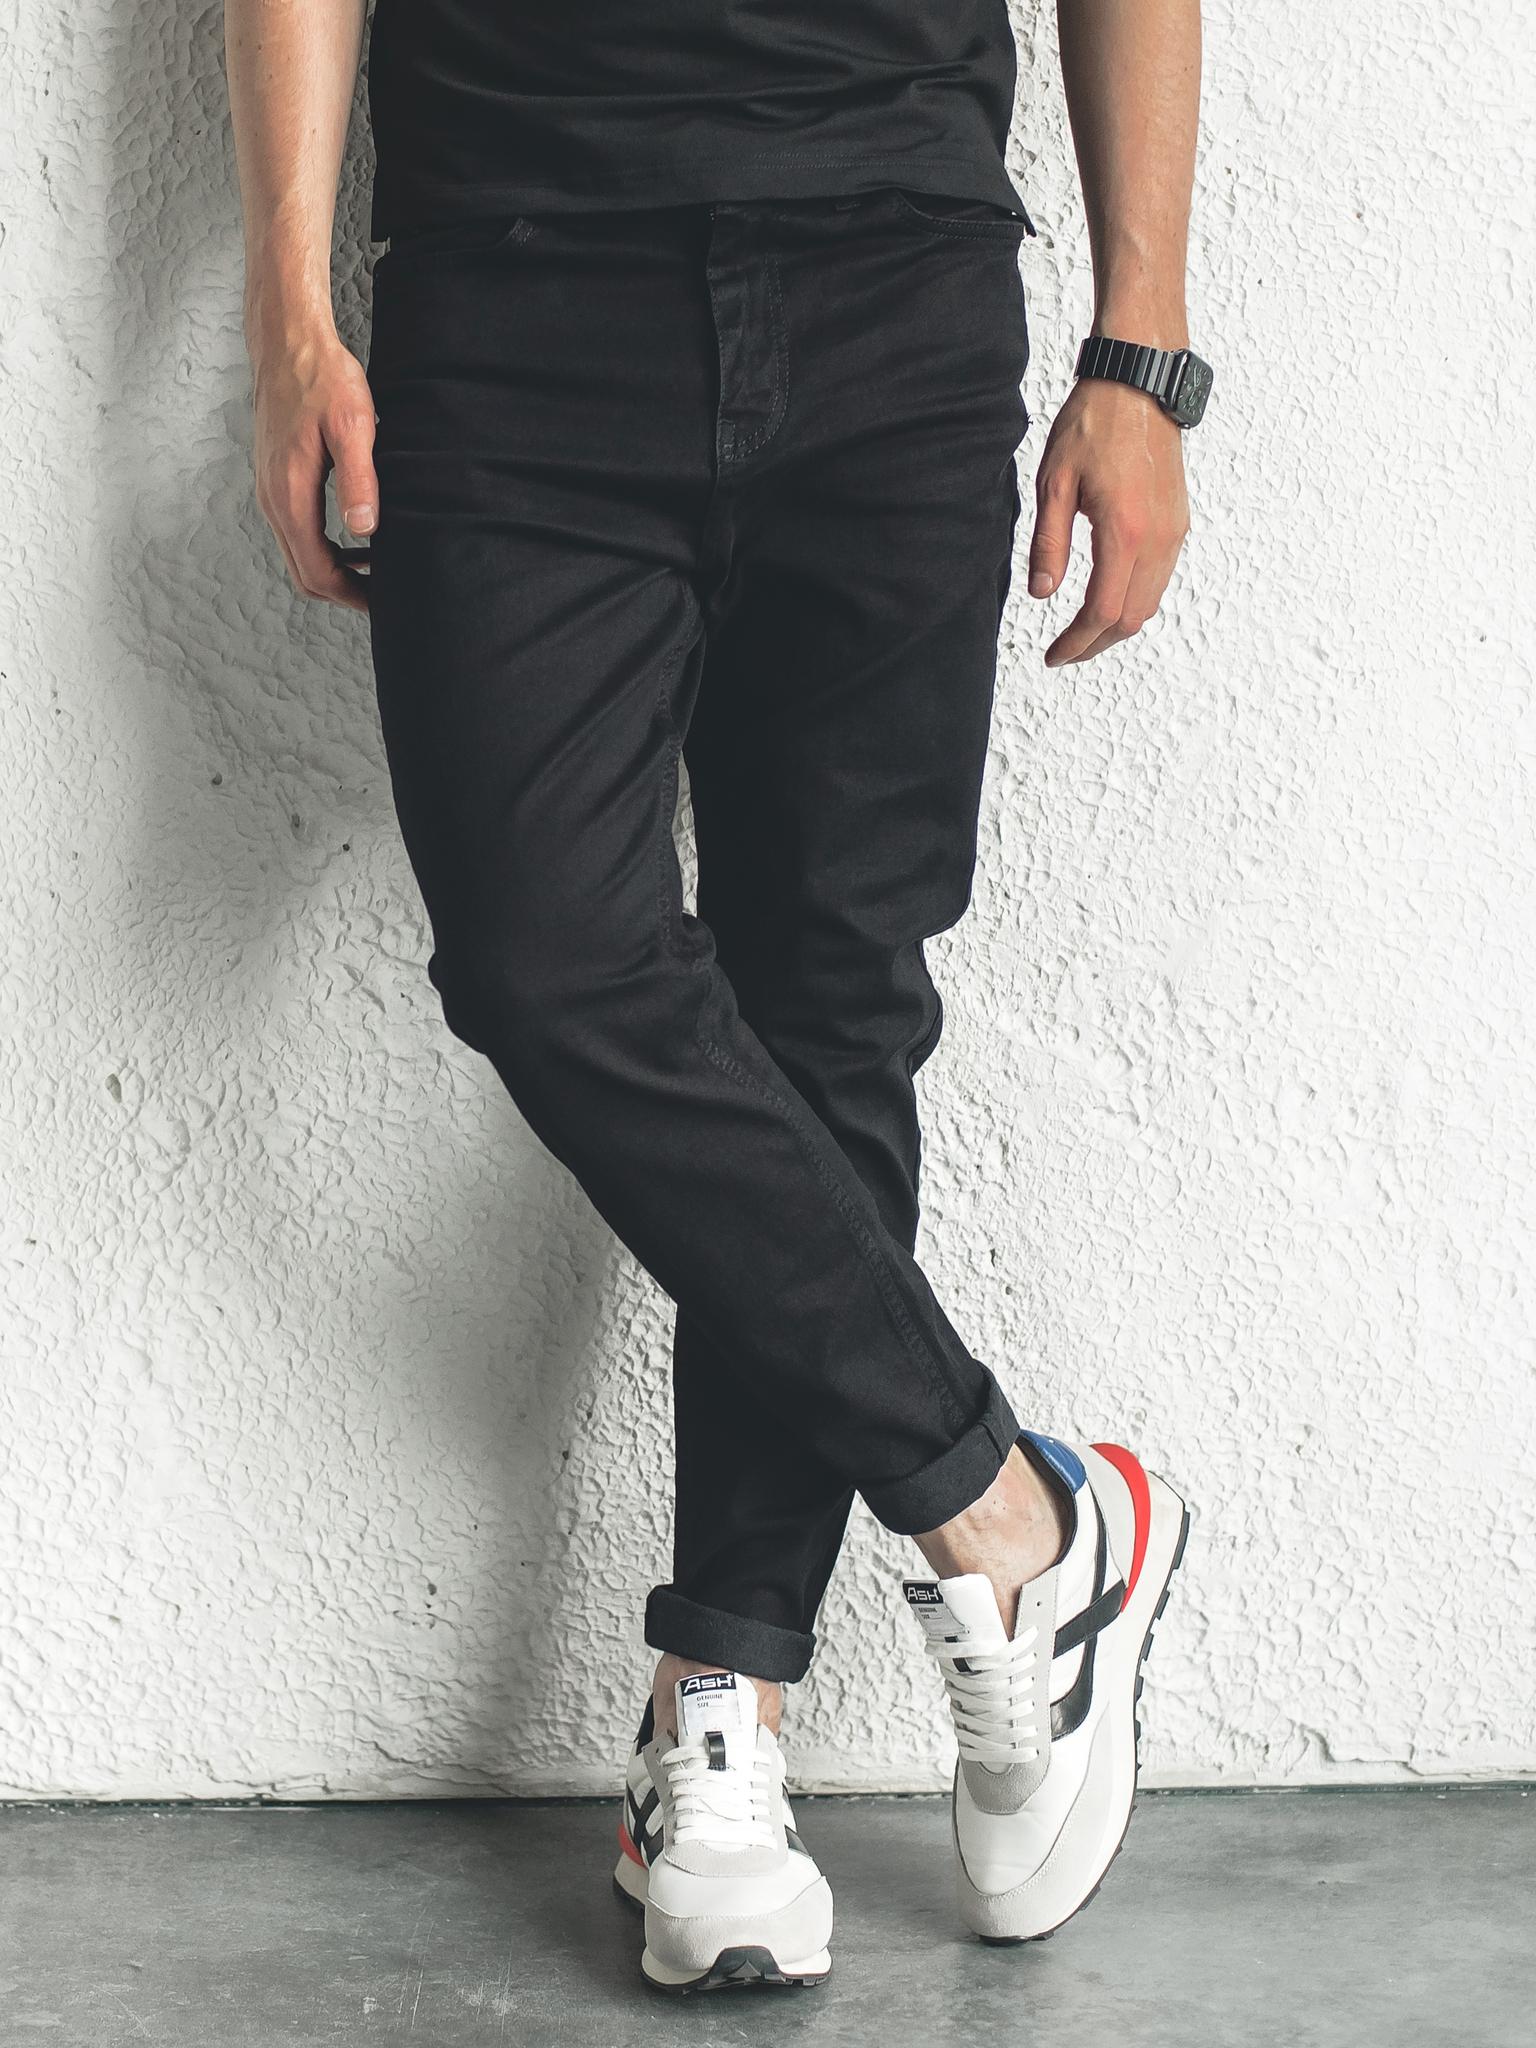 Хорошие тёмные джинсы